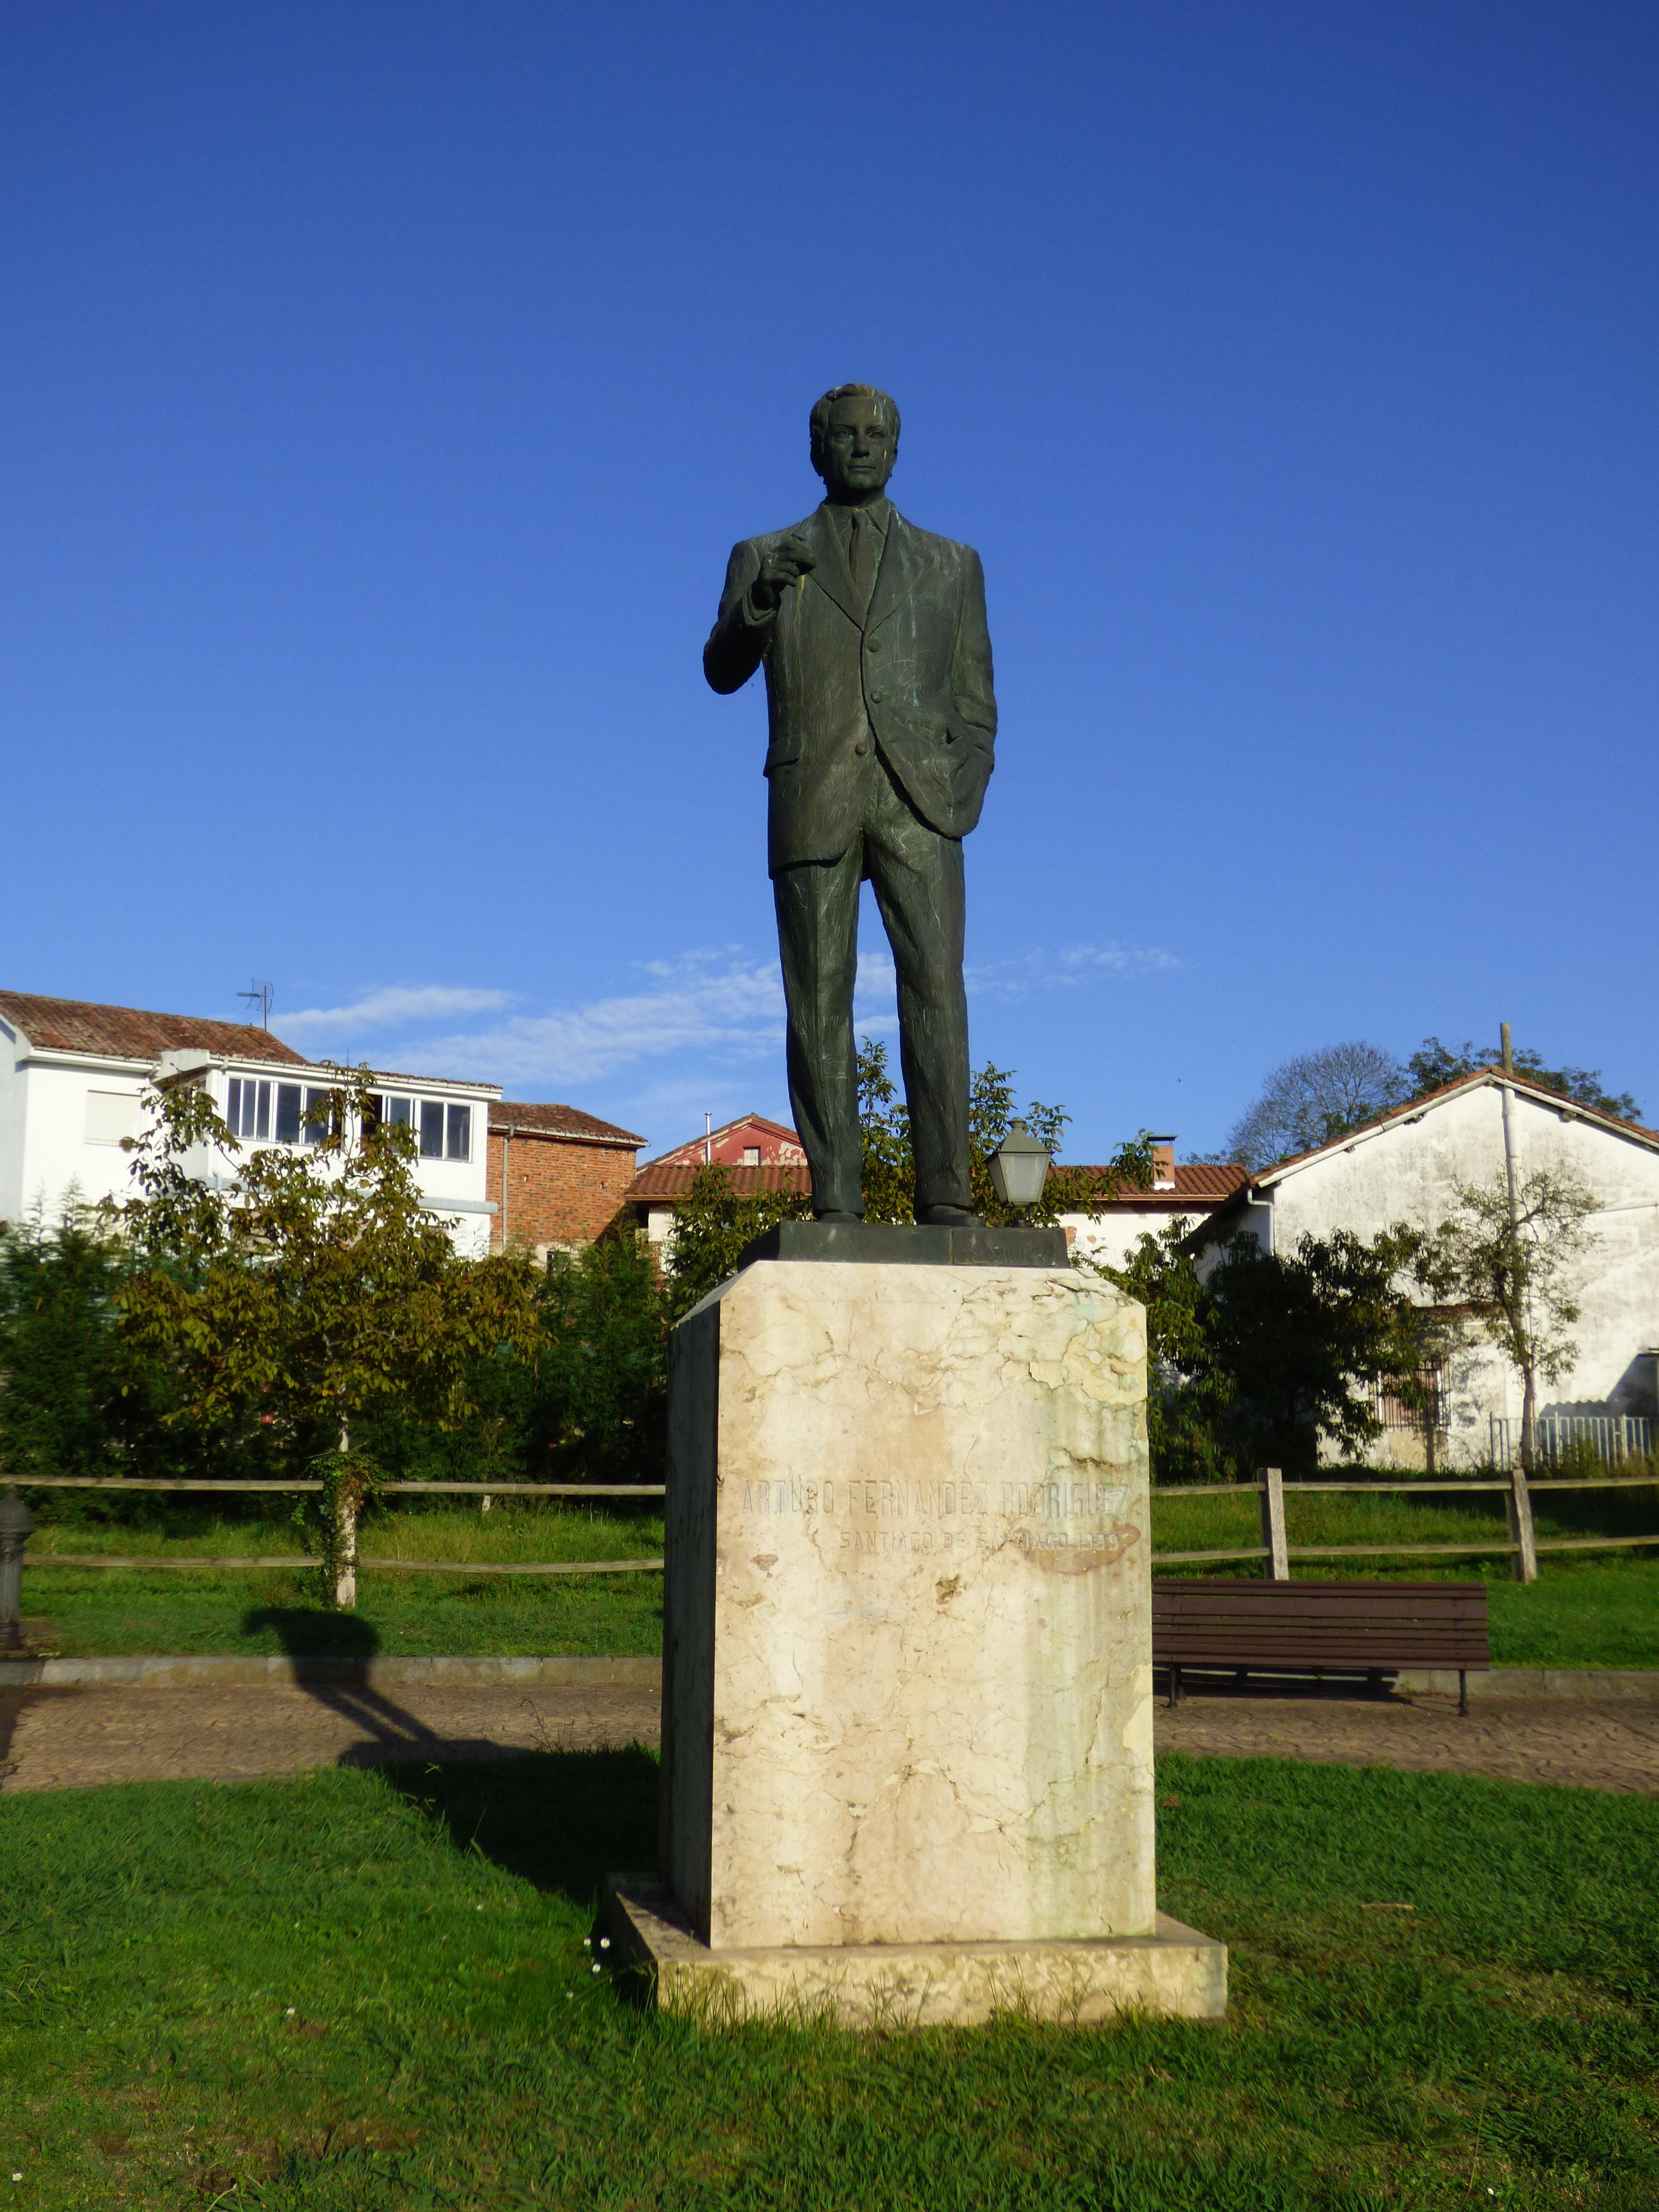 Monumento a Arturo Fernández en Priañes, municipio de Oviedo, Asturias. Obra del escultor Santiago de Santiago en 1999.